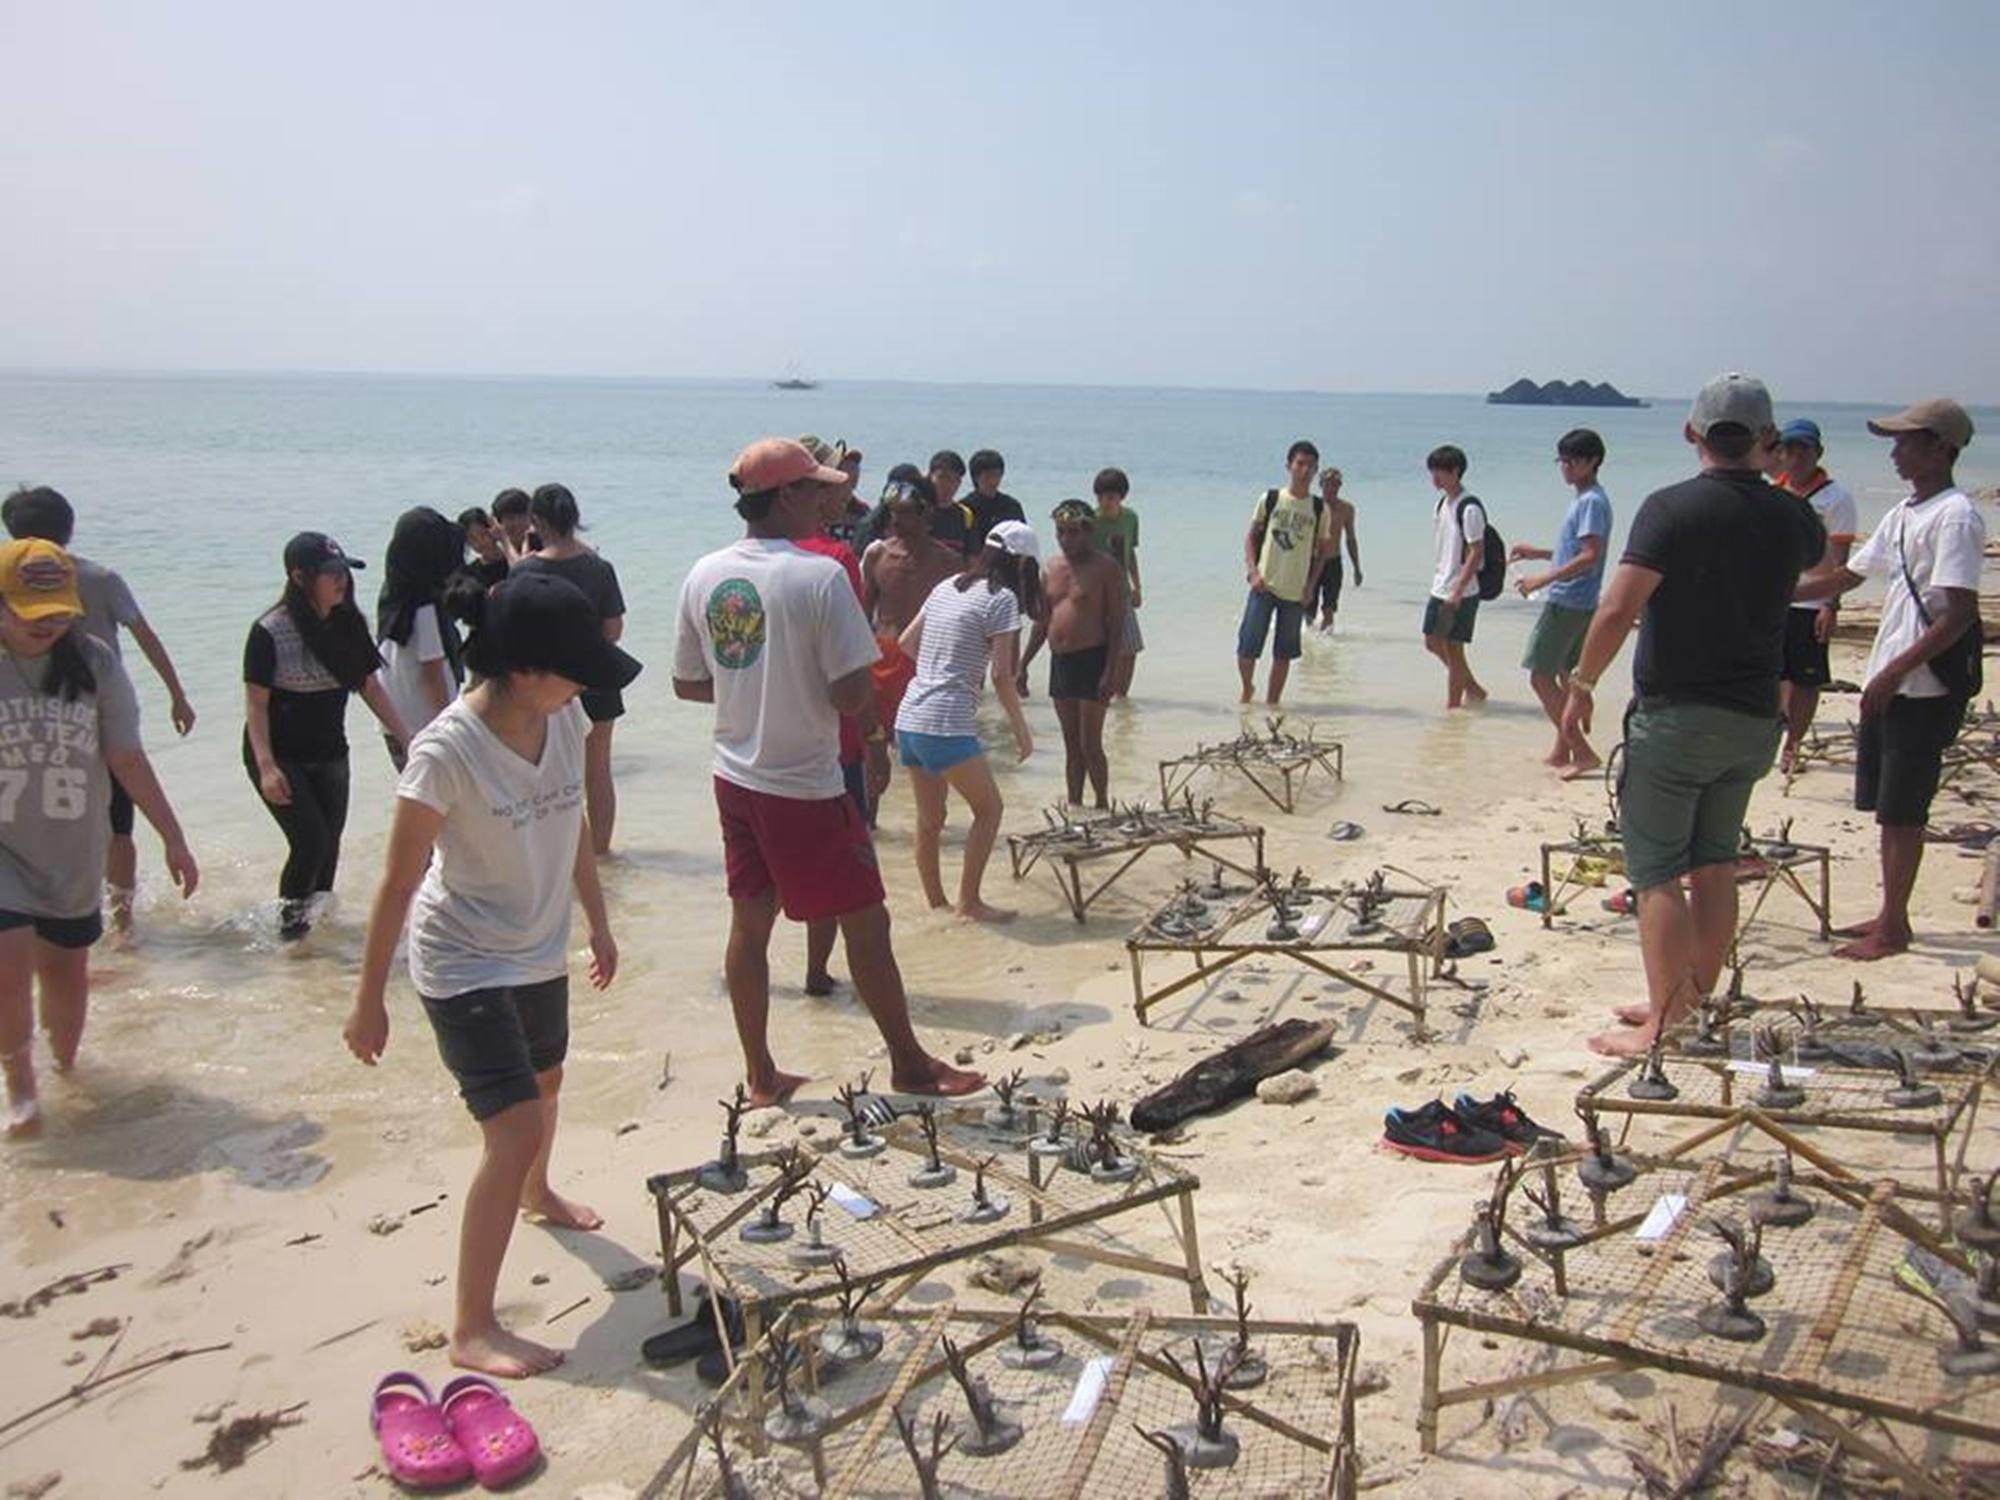 Wisatawan diberi pengarahan mengenai transplantasi terumbu karang